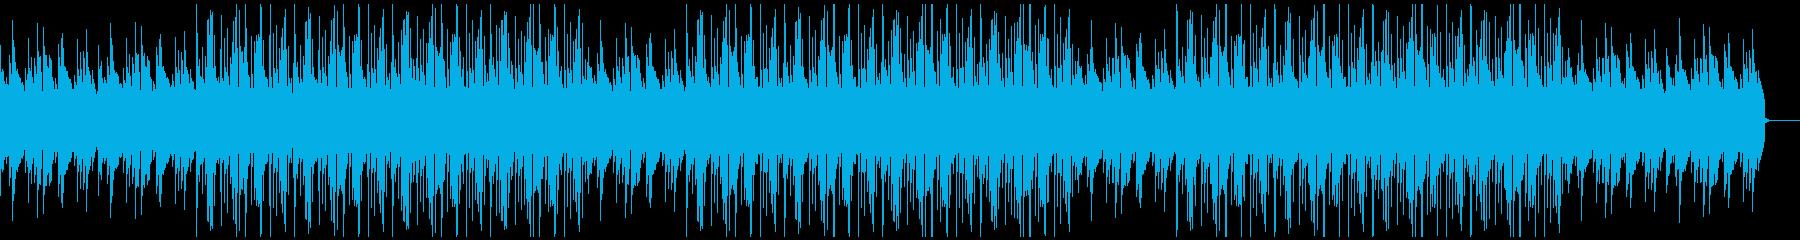 春・切ない・別れのピアノBGMの再生済みの波形